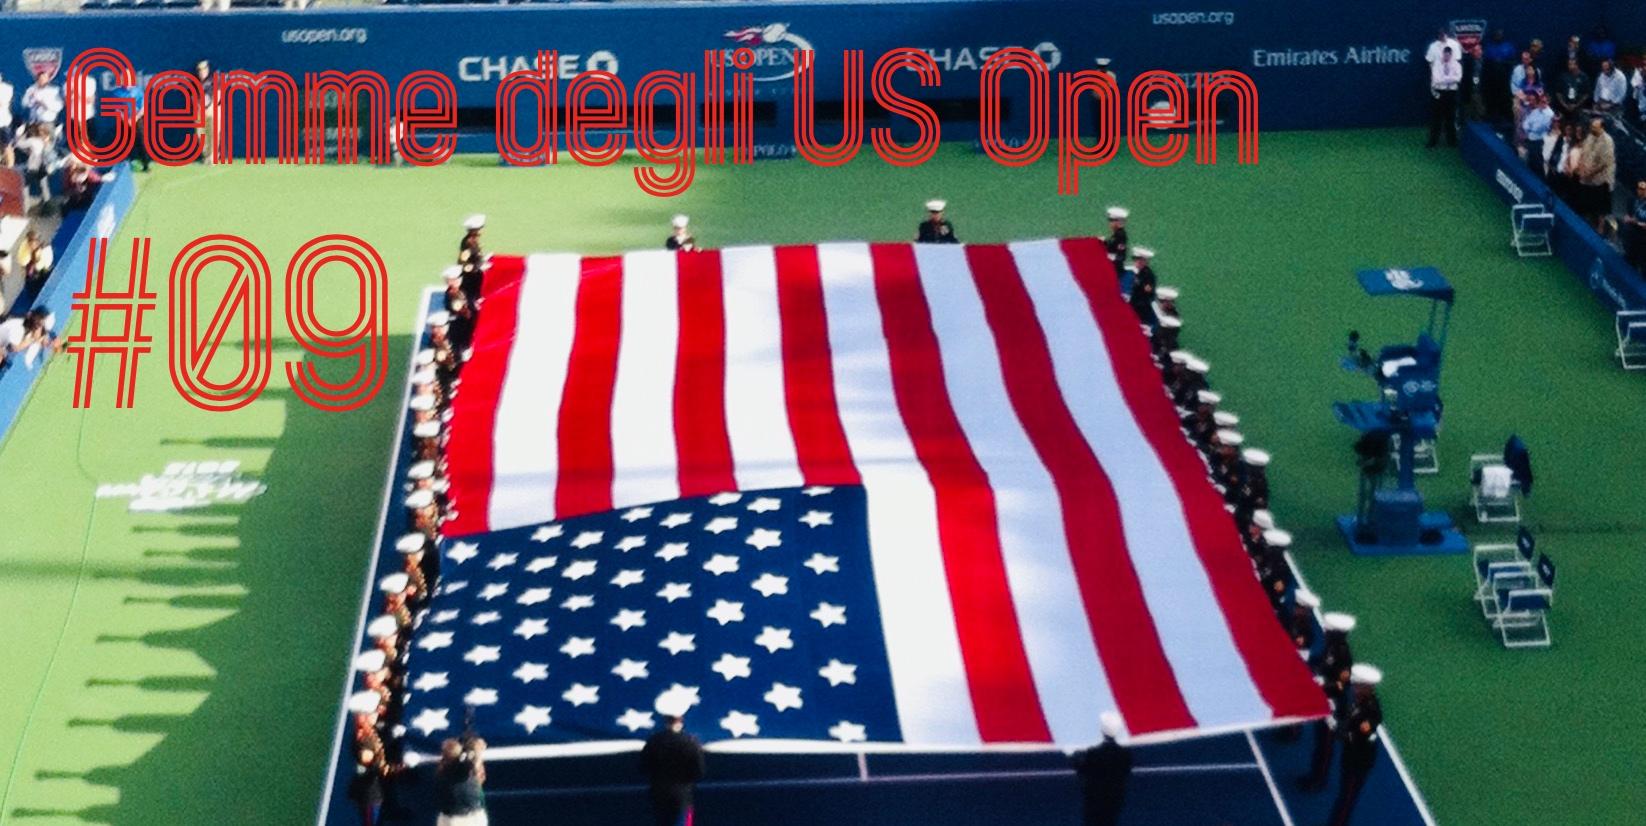 Gemme degli US Open #9 - settesei.it